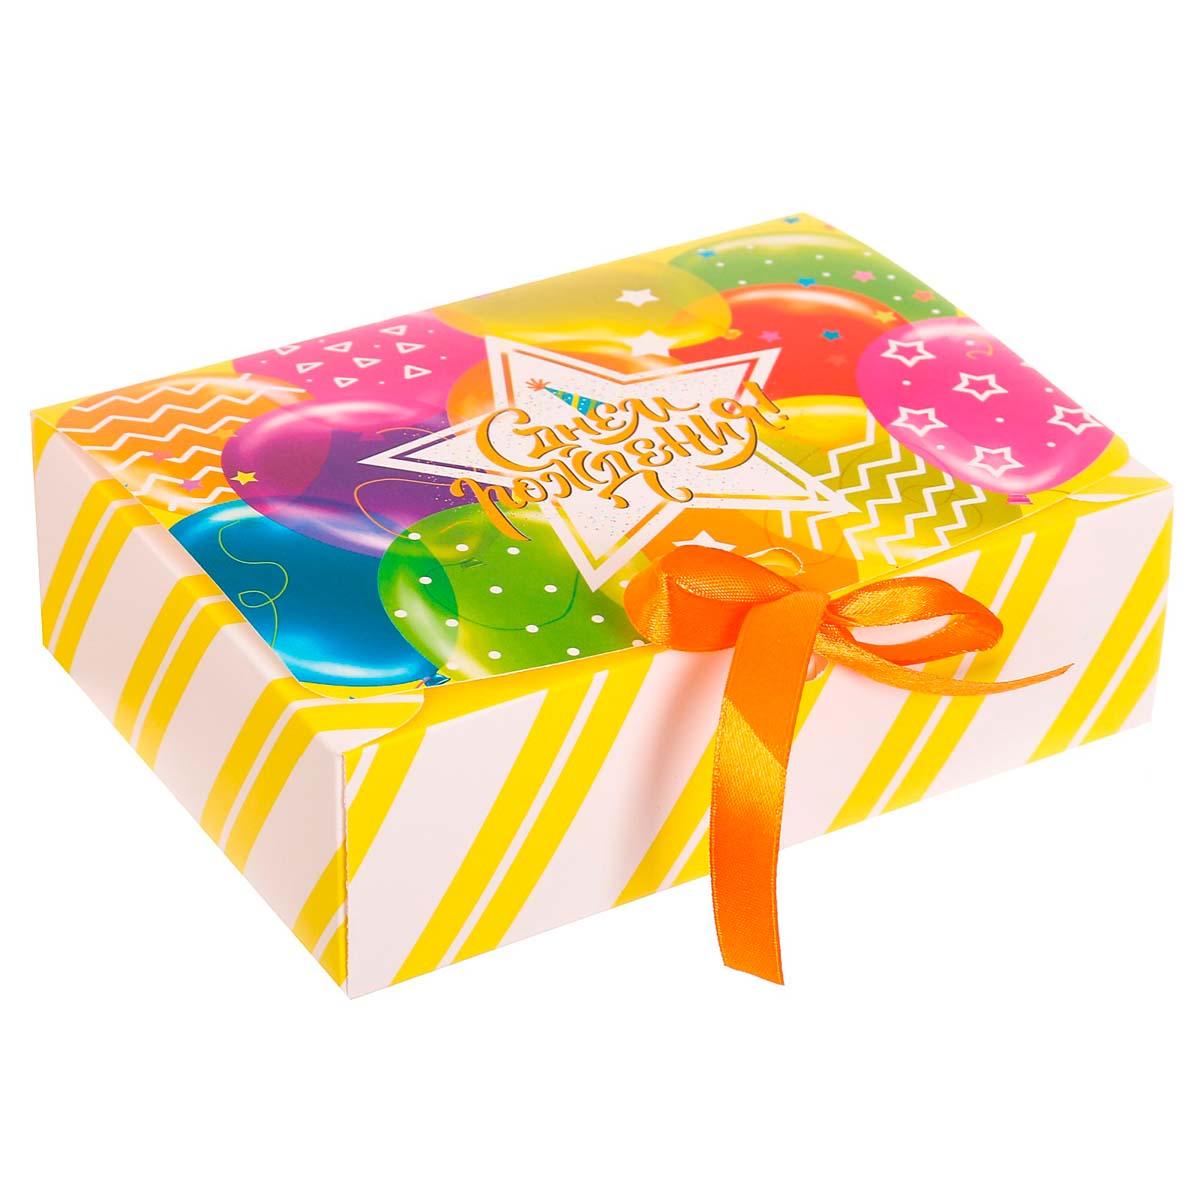 3222453 Коробка подарочная «С Днём Рождения!», 31*24,5*9 см